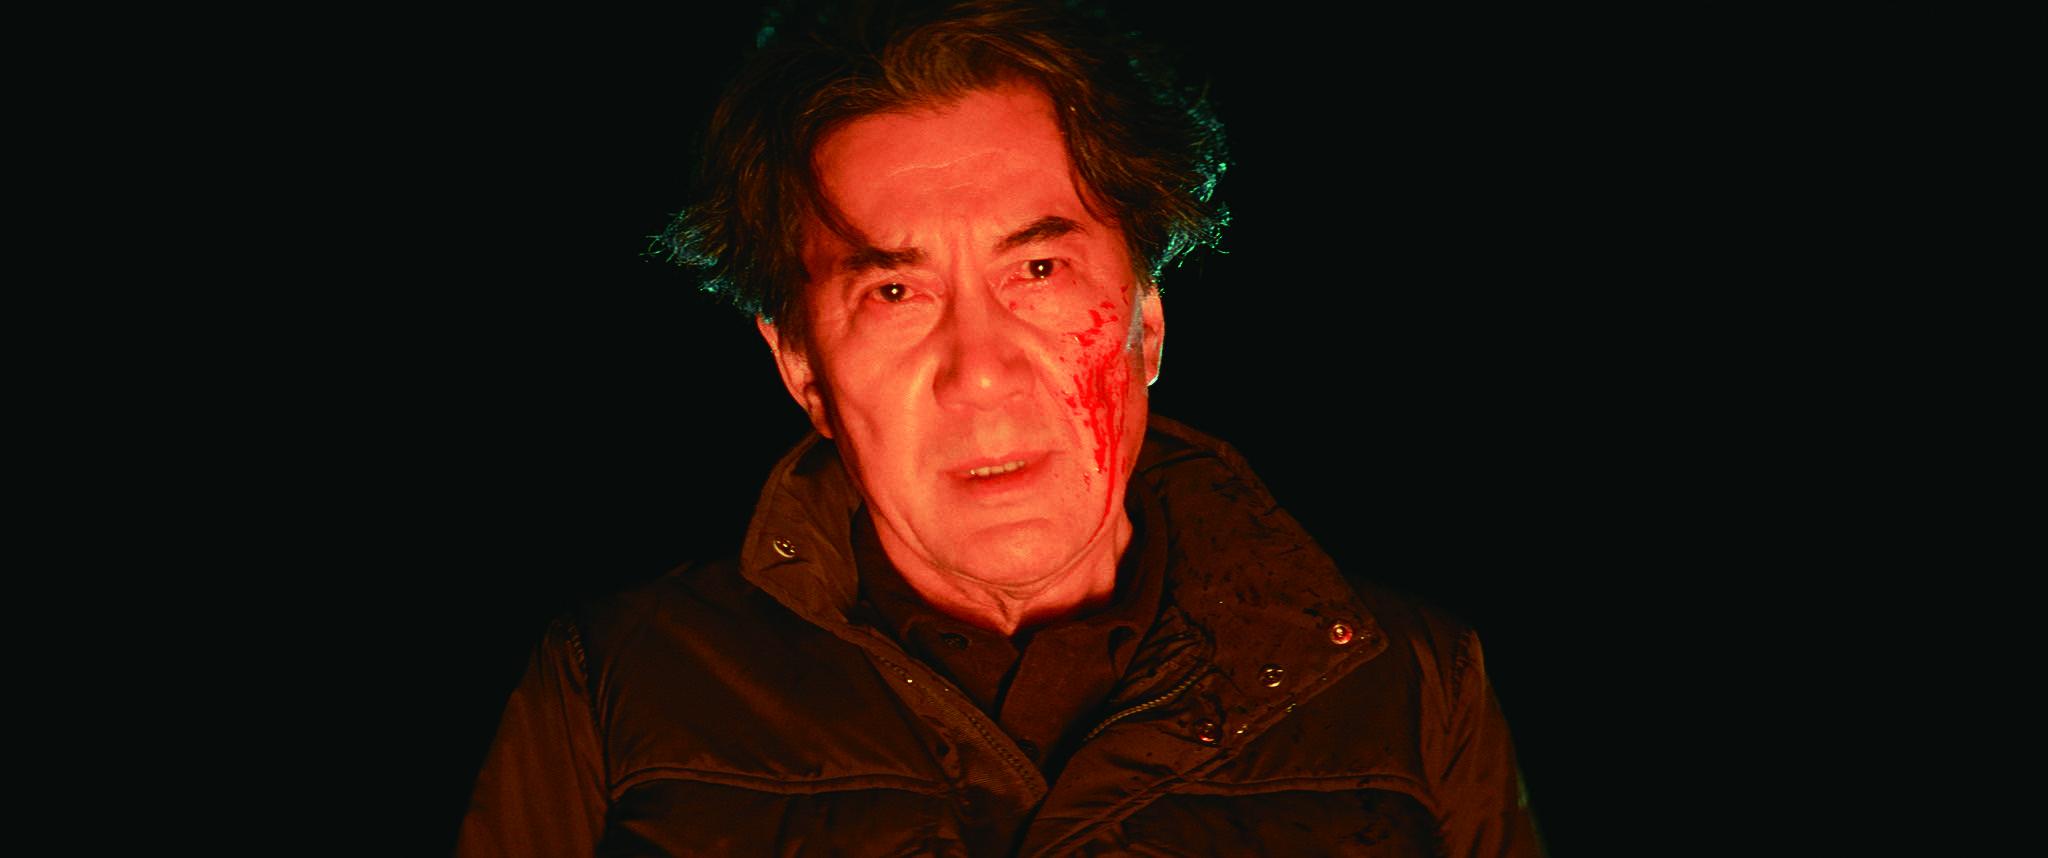 Hva er egentlig sannheten om Misumi   (Kôji Yakusho), tidligere dømt for dobbeltdrap?